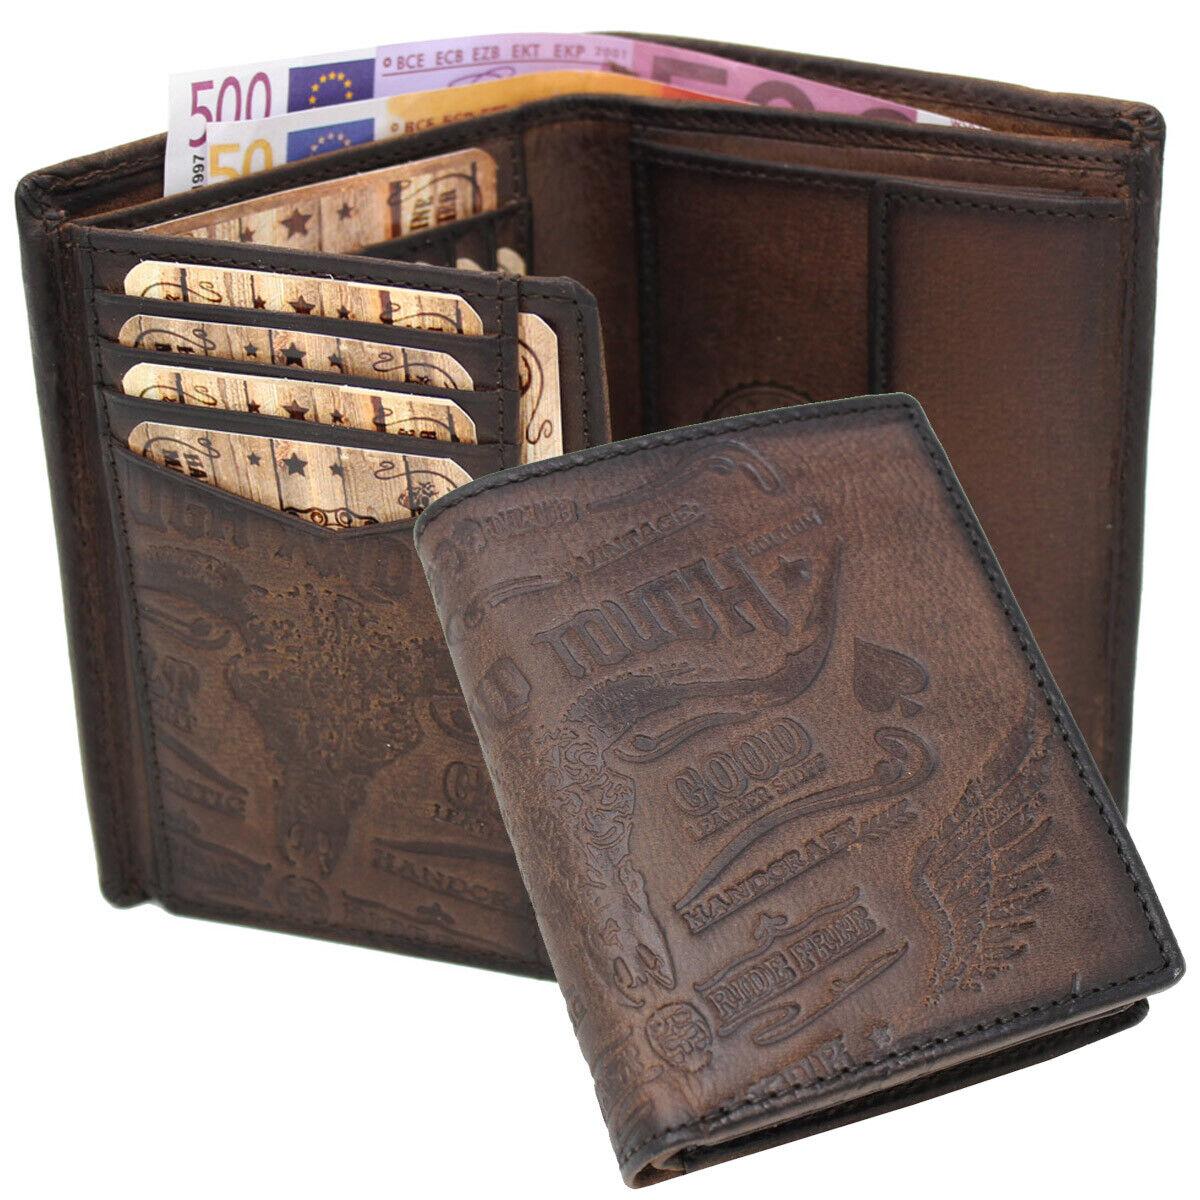 Herren Geldbörse Geldbeutel Portemonnaie Bikerbörse Leder RFID Rough & Tough